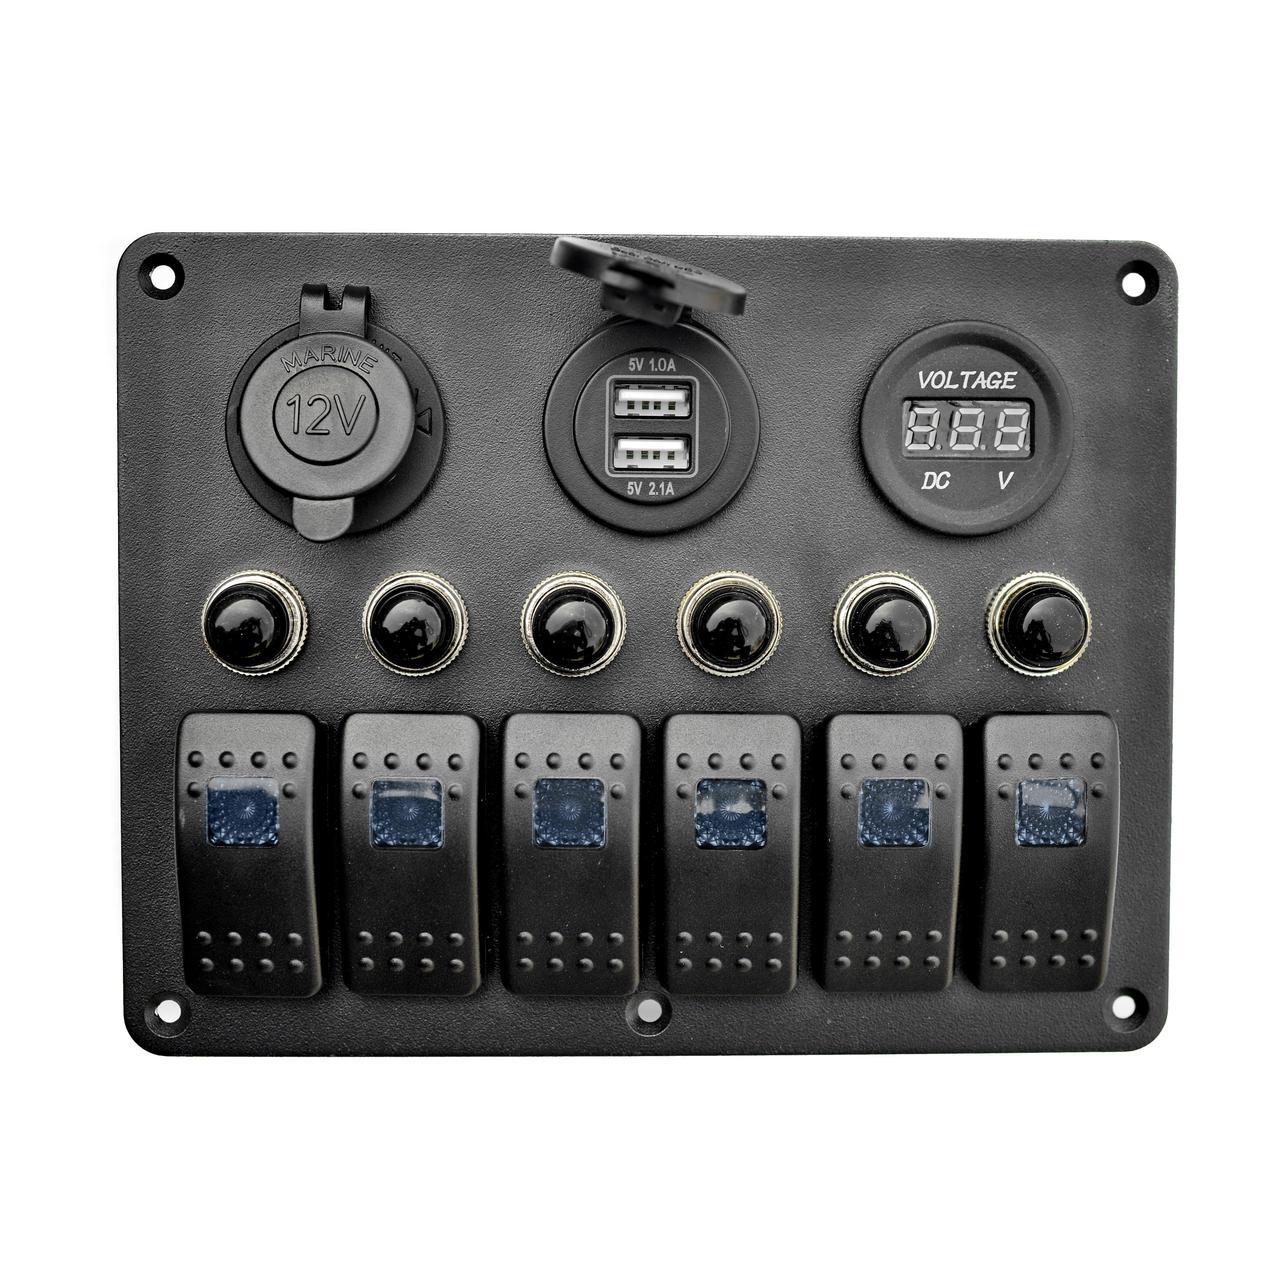 Панель на 6 переключателей автомат 155х115мм+прикуриватель двойной USB порт, вольтметр HF60-106BU